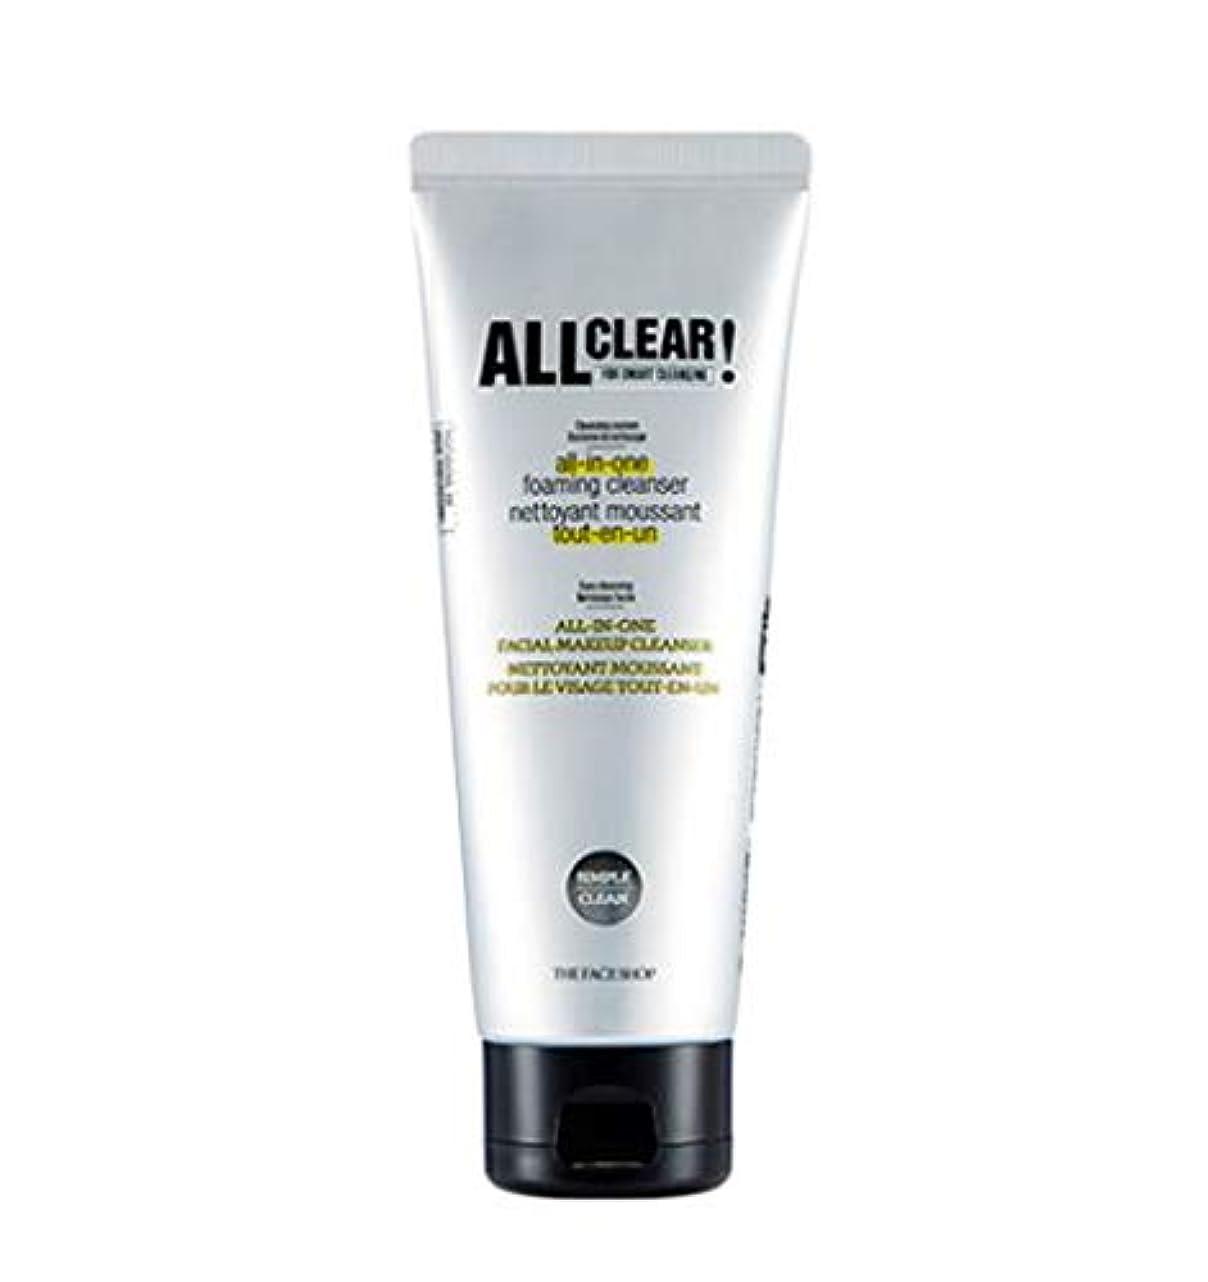 ペアヨーロッパ優れました[ザ?フェイスショップ] THE FACE SHOP [オール クリア オールインワン クレンジング フォーム150ml / 洗顔料] All Clear All-in-one Cleansing Foam 150ml...